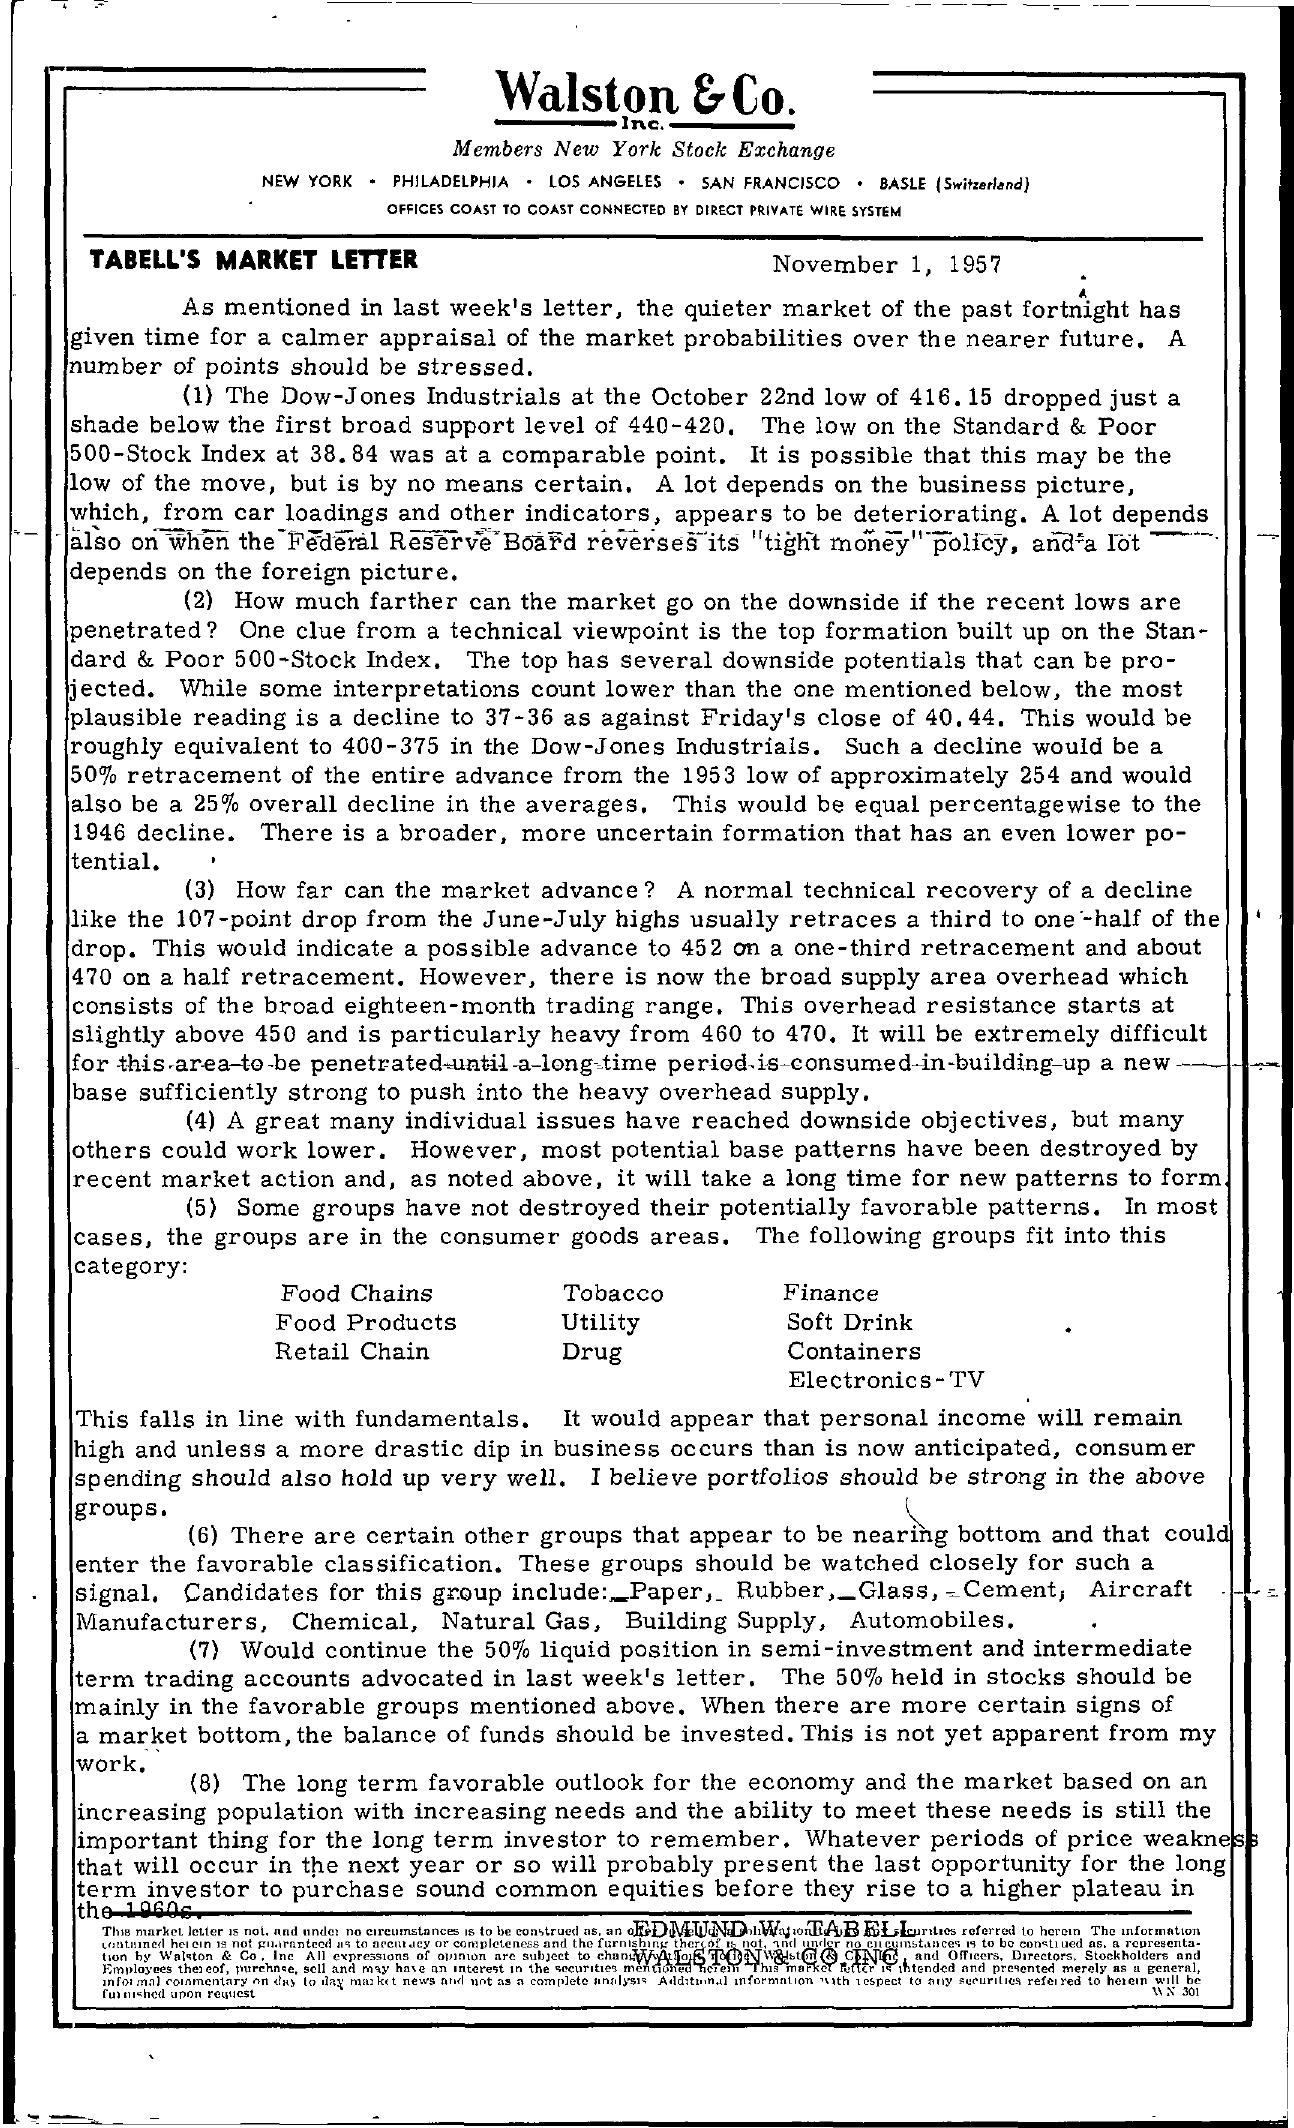 Tabell's Market Letter - November 01, 1957